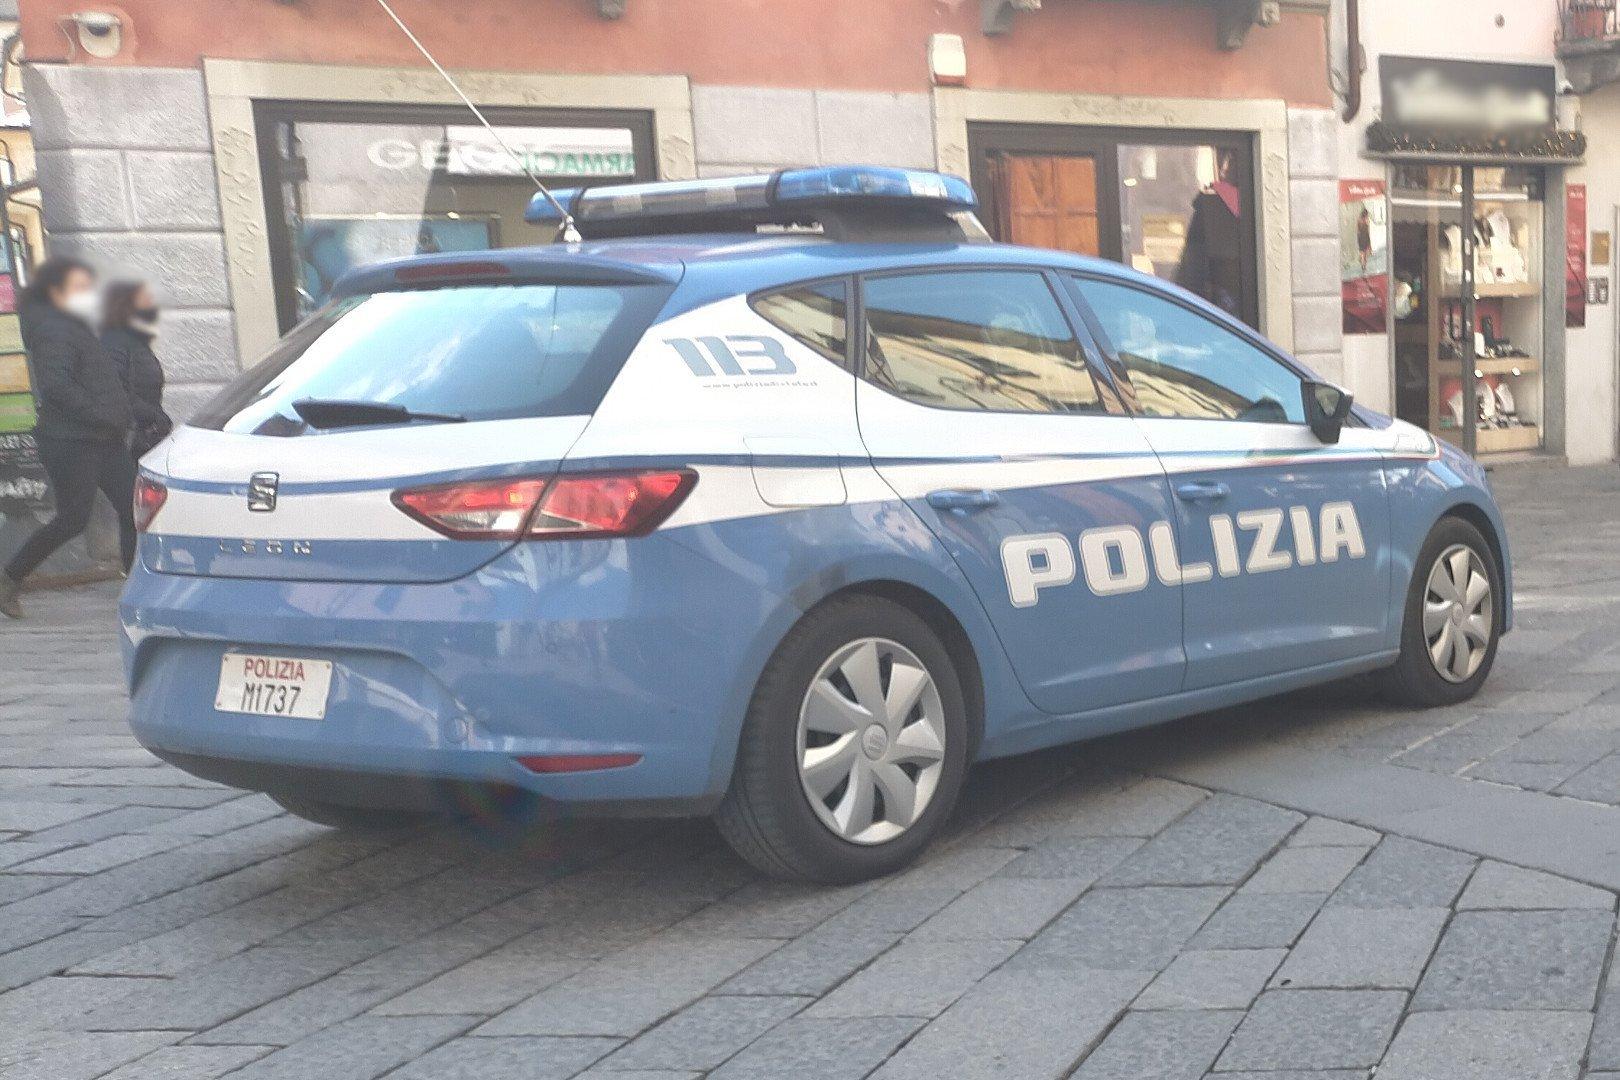 Una volante della Polizia nel centro storico di Aosta